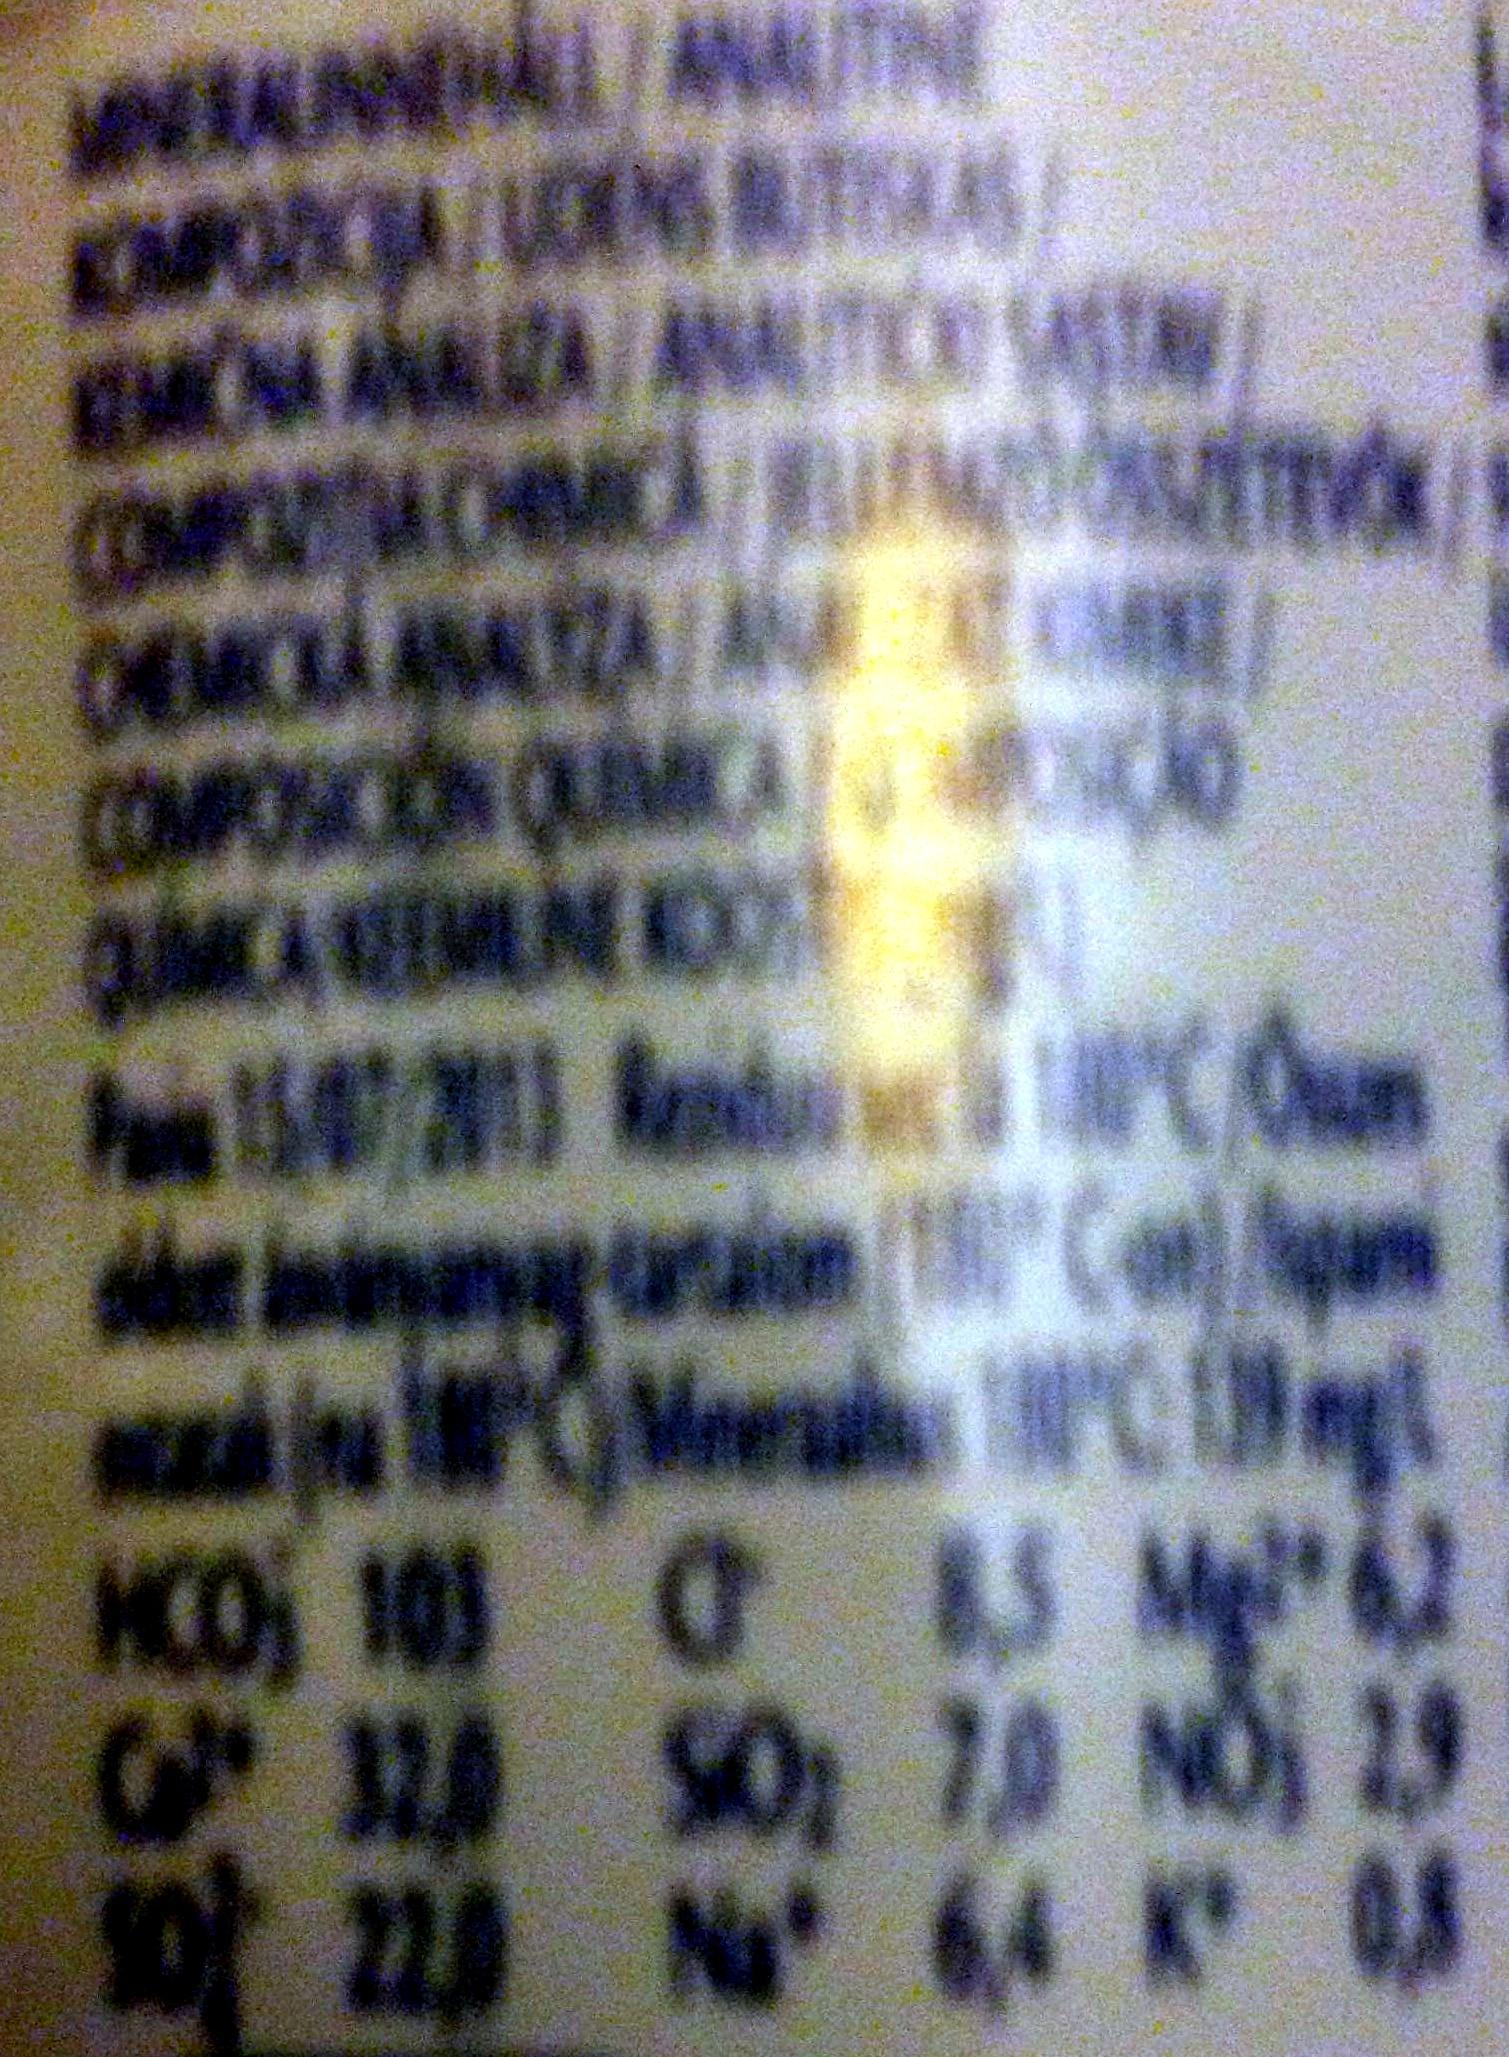 Acqua panna - Voedingswaarden - en